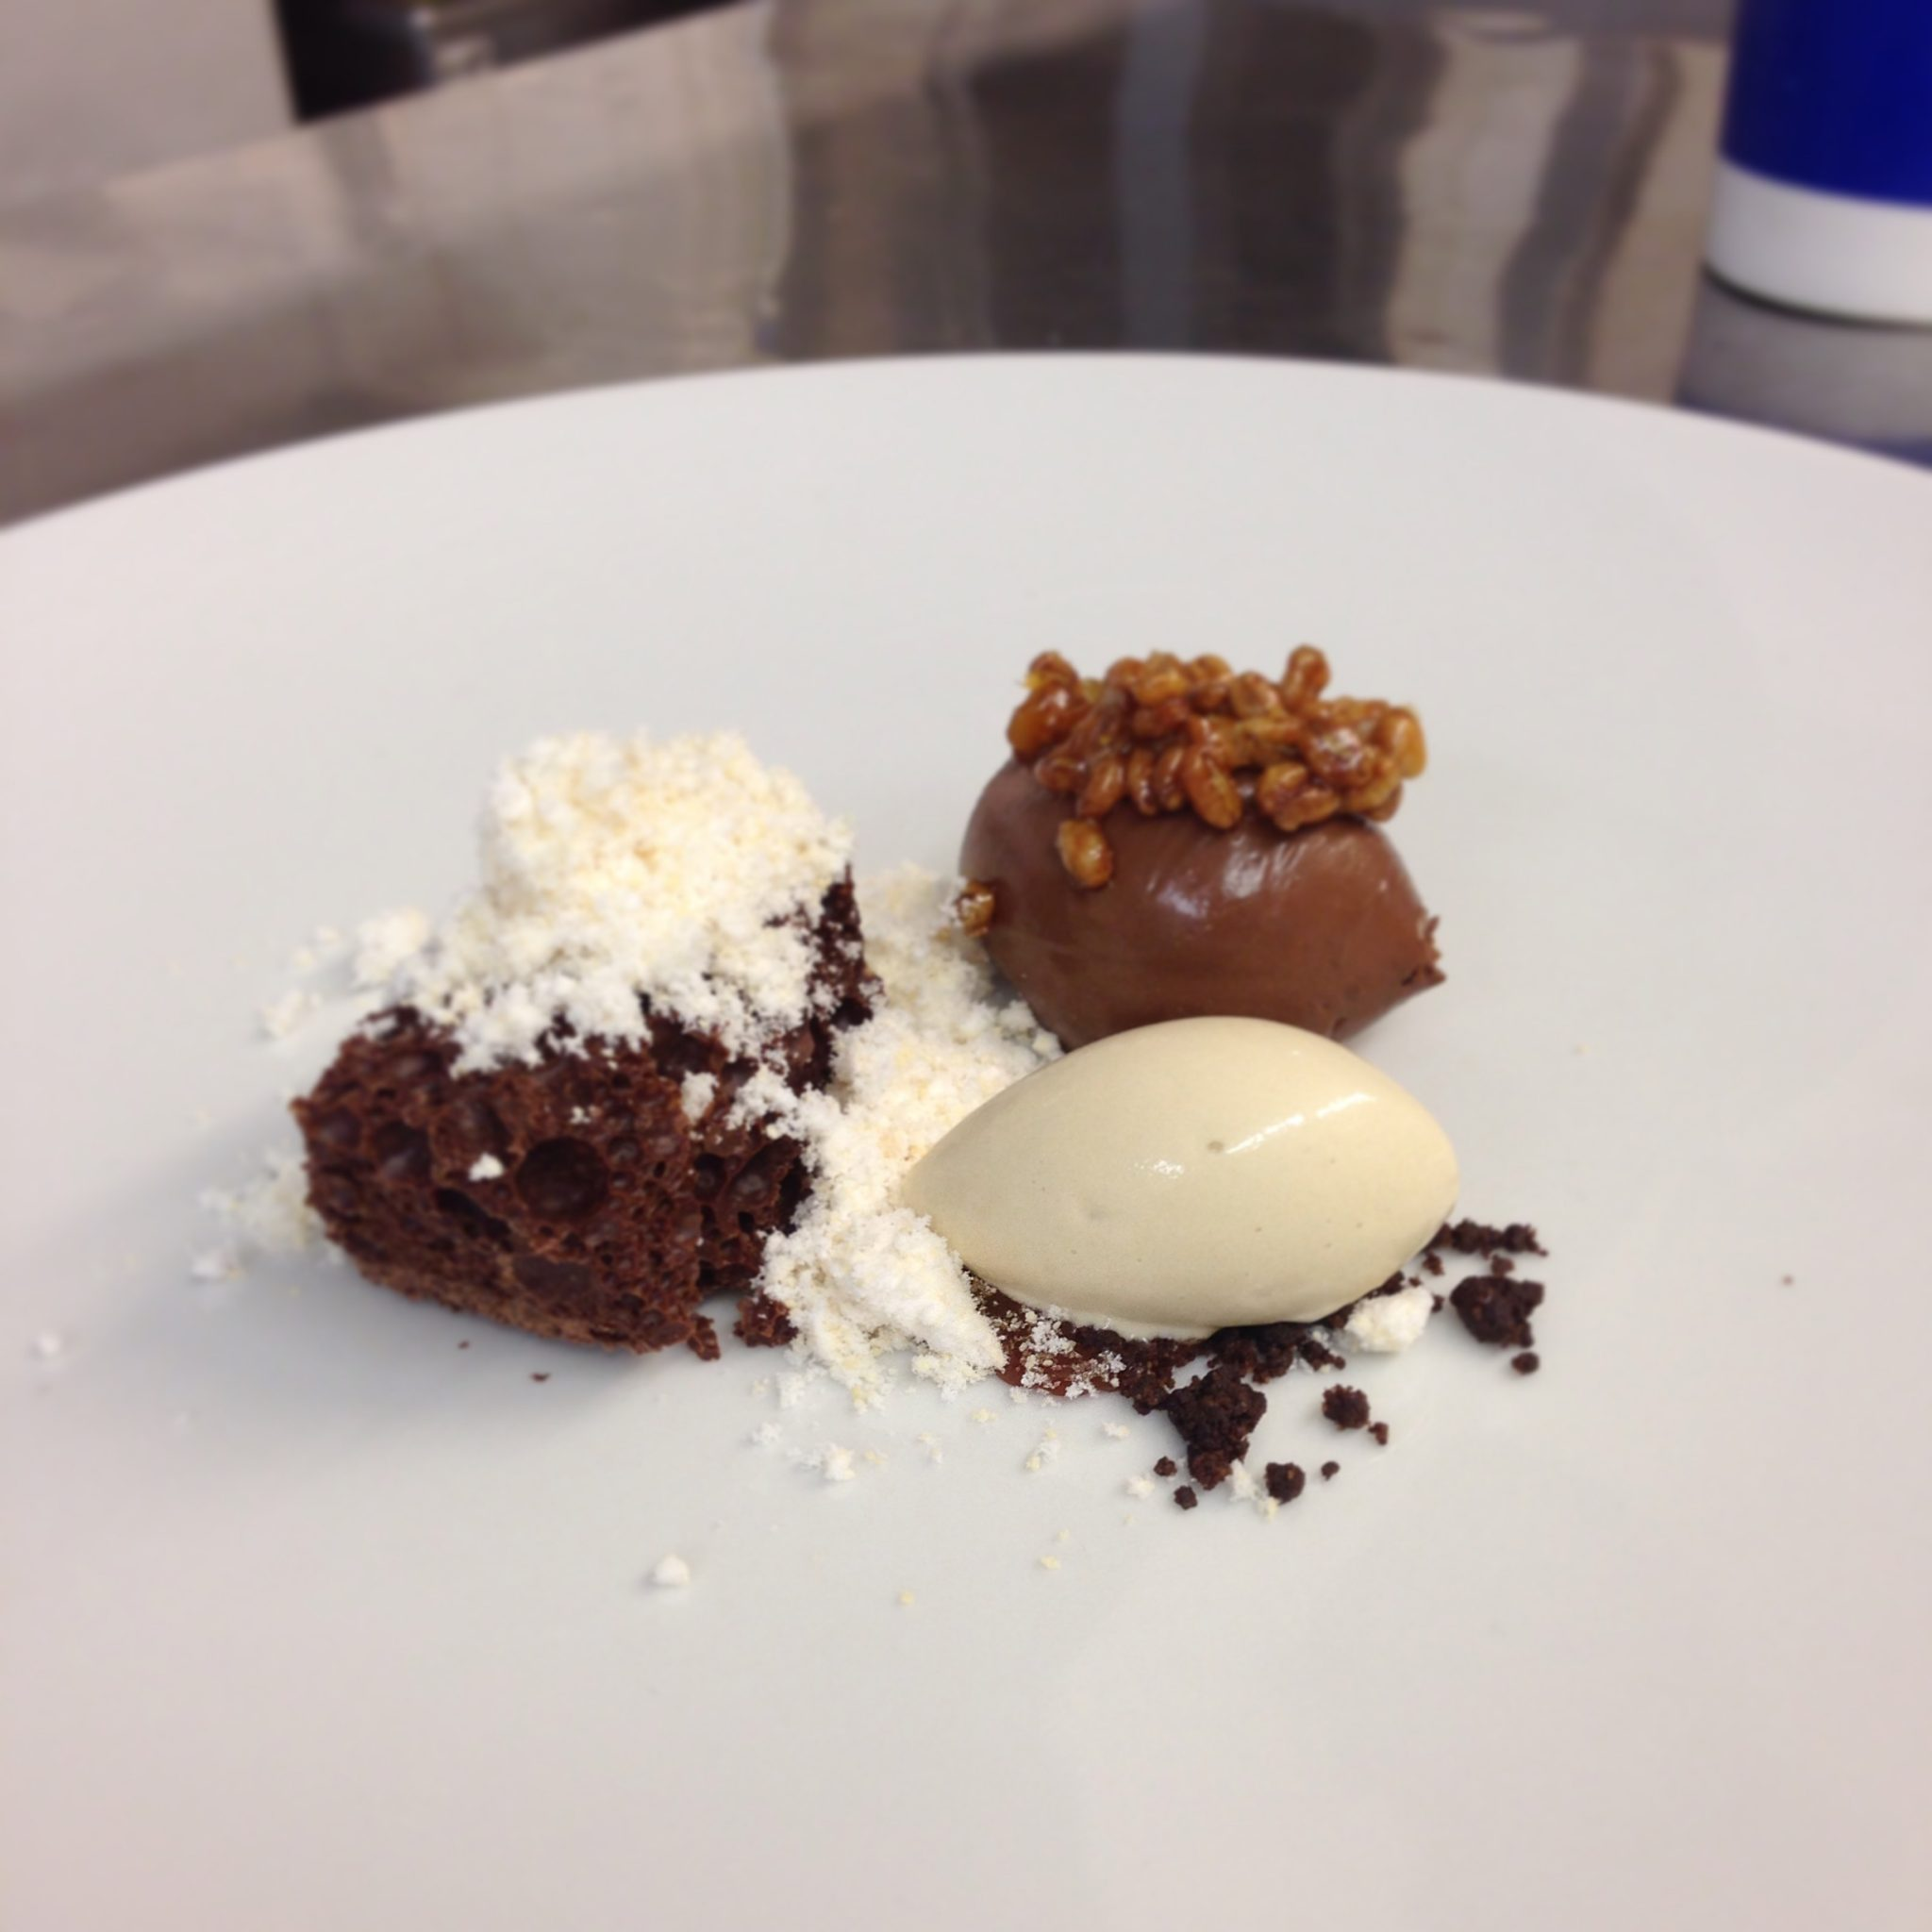 Chocolate, artichoke, hazelnut